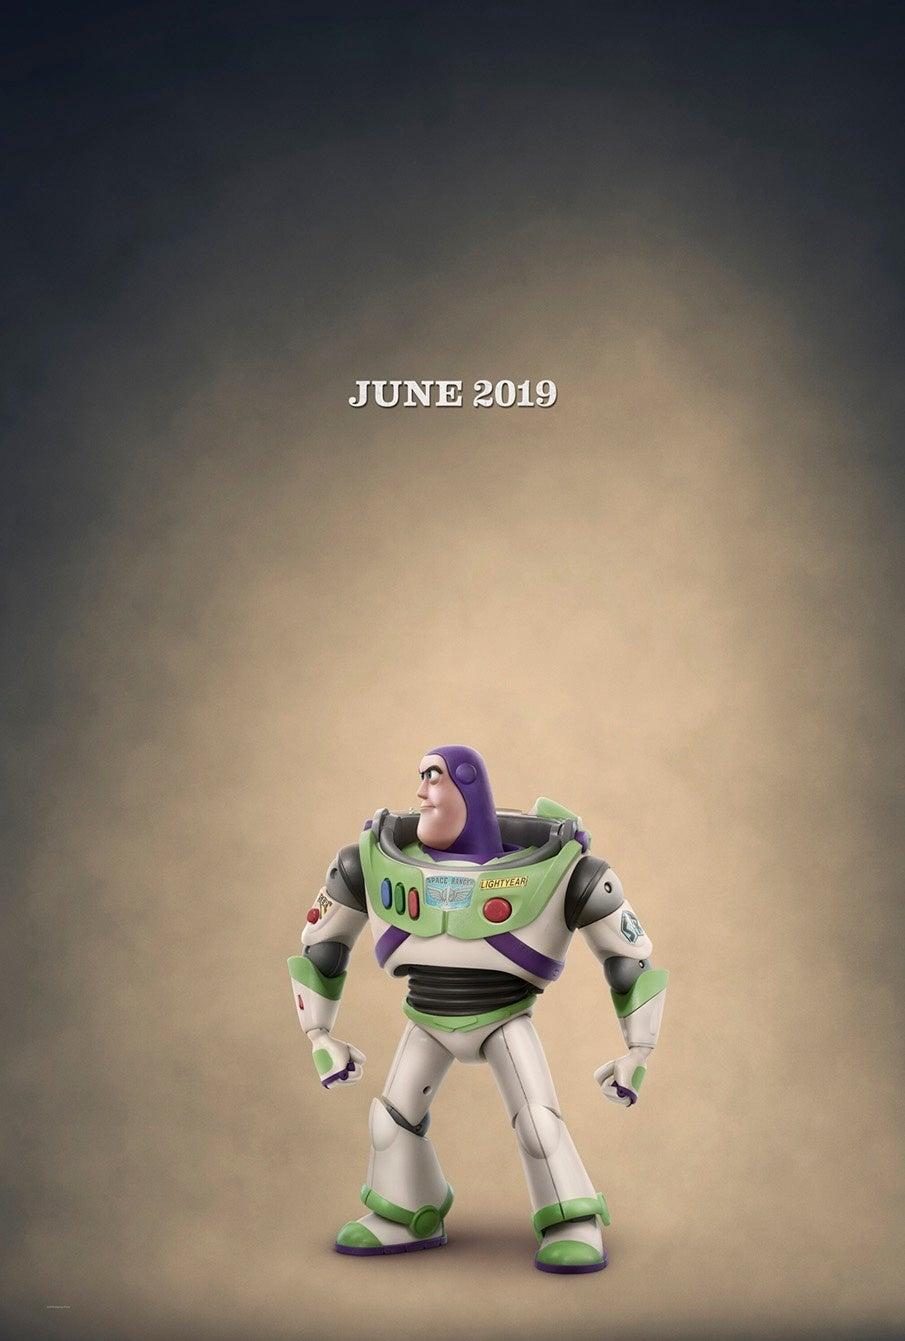 Toy-Story-4-Buzz-Lightyear